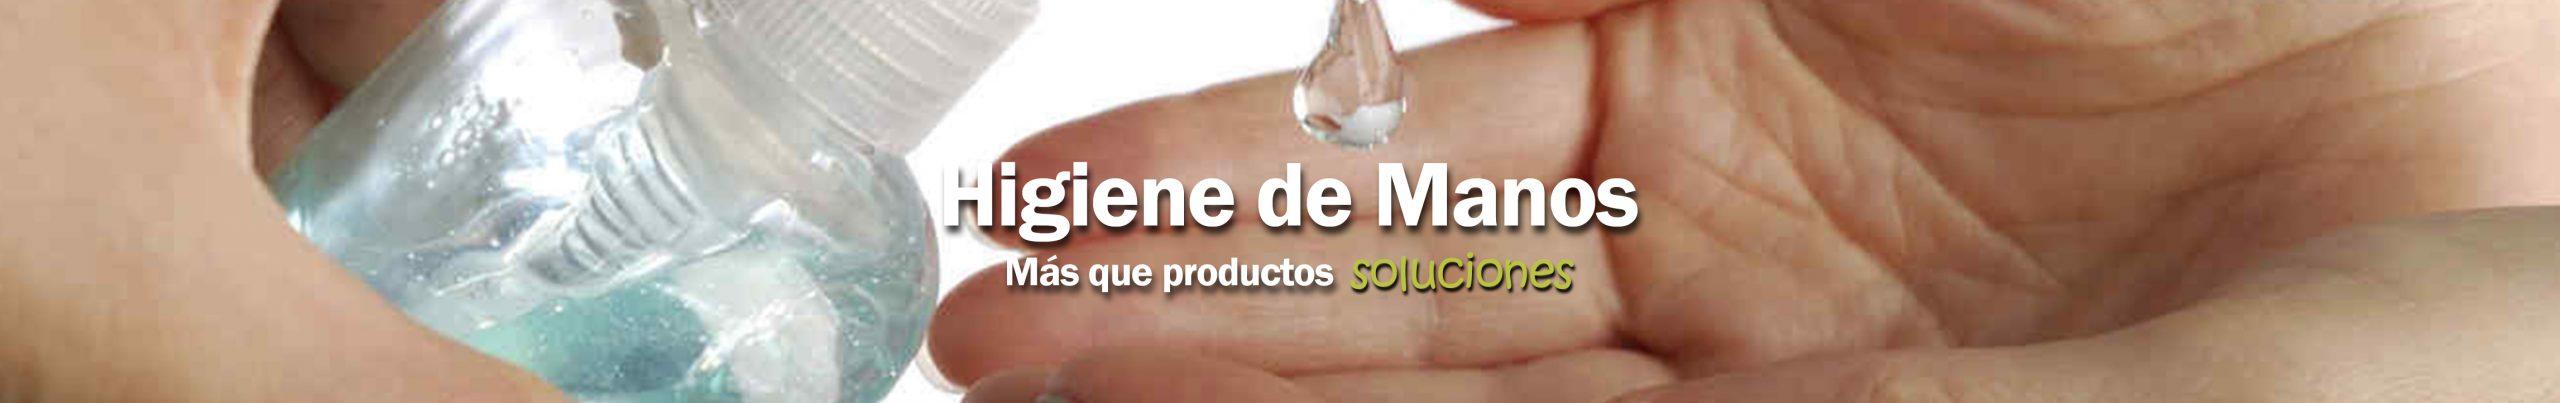 Higienen manos